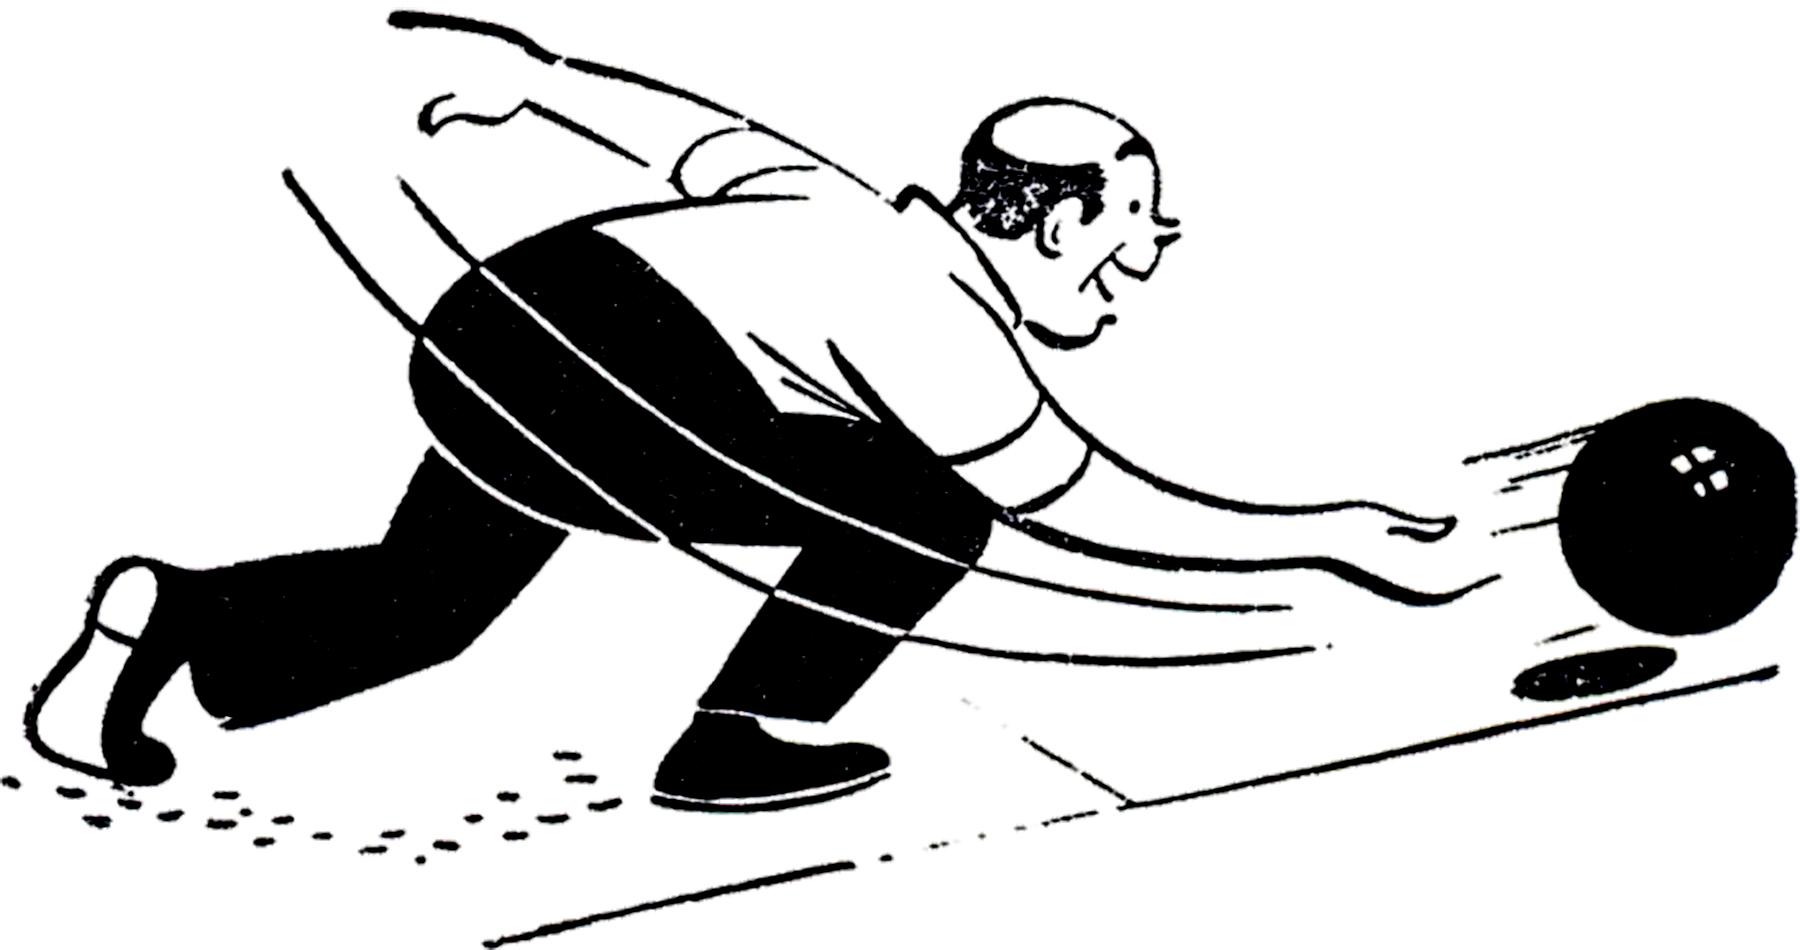 Vintage Bowling Man Image